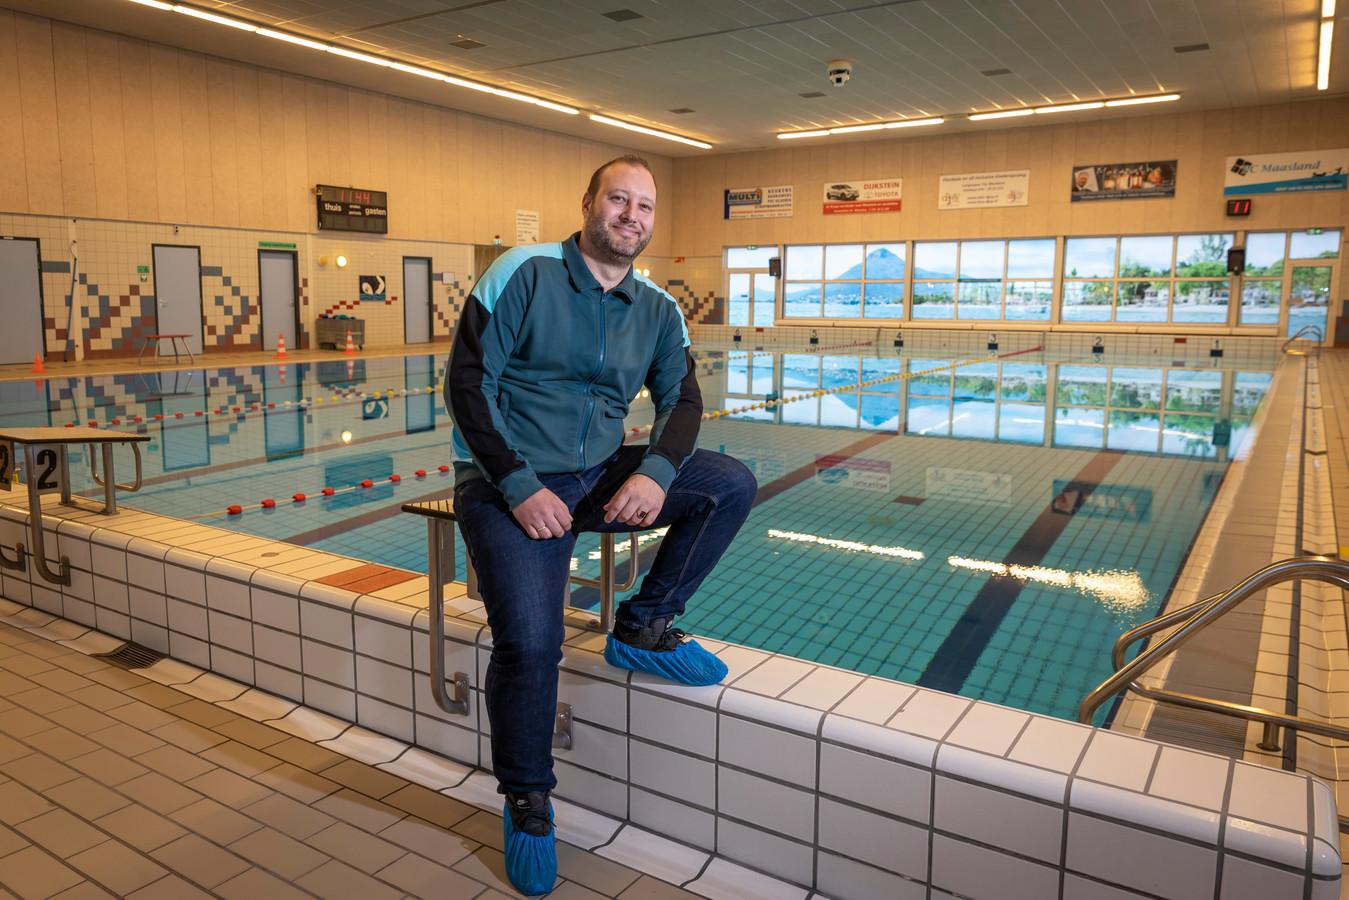 Locatiemanager Michael van Duijn maakt zich zorgen over het schrappen van het schoolzwemmen.